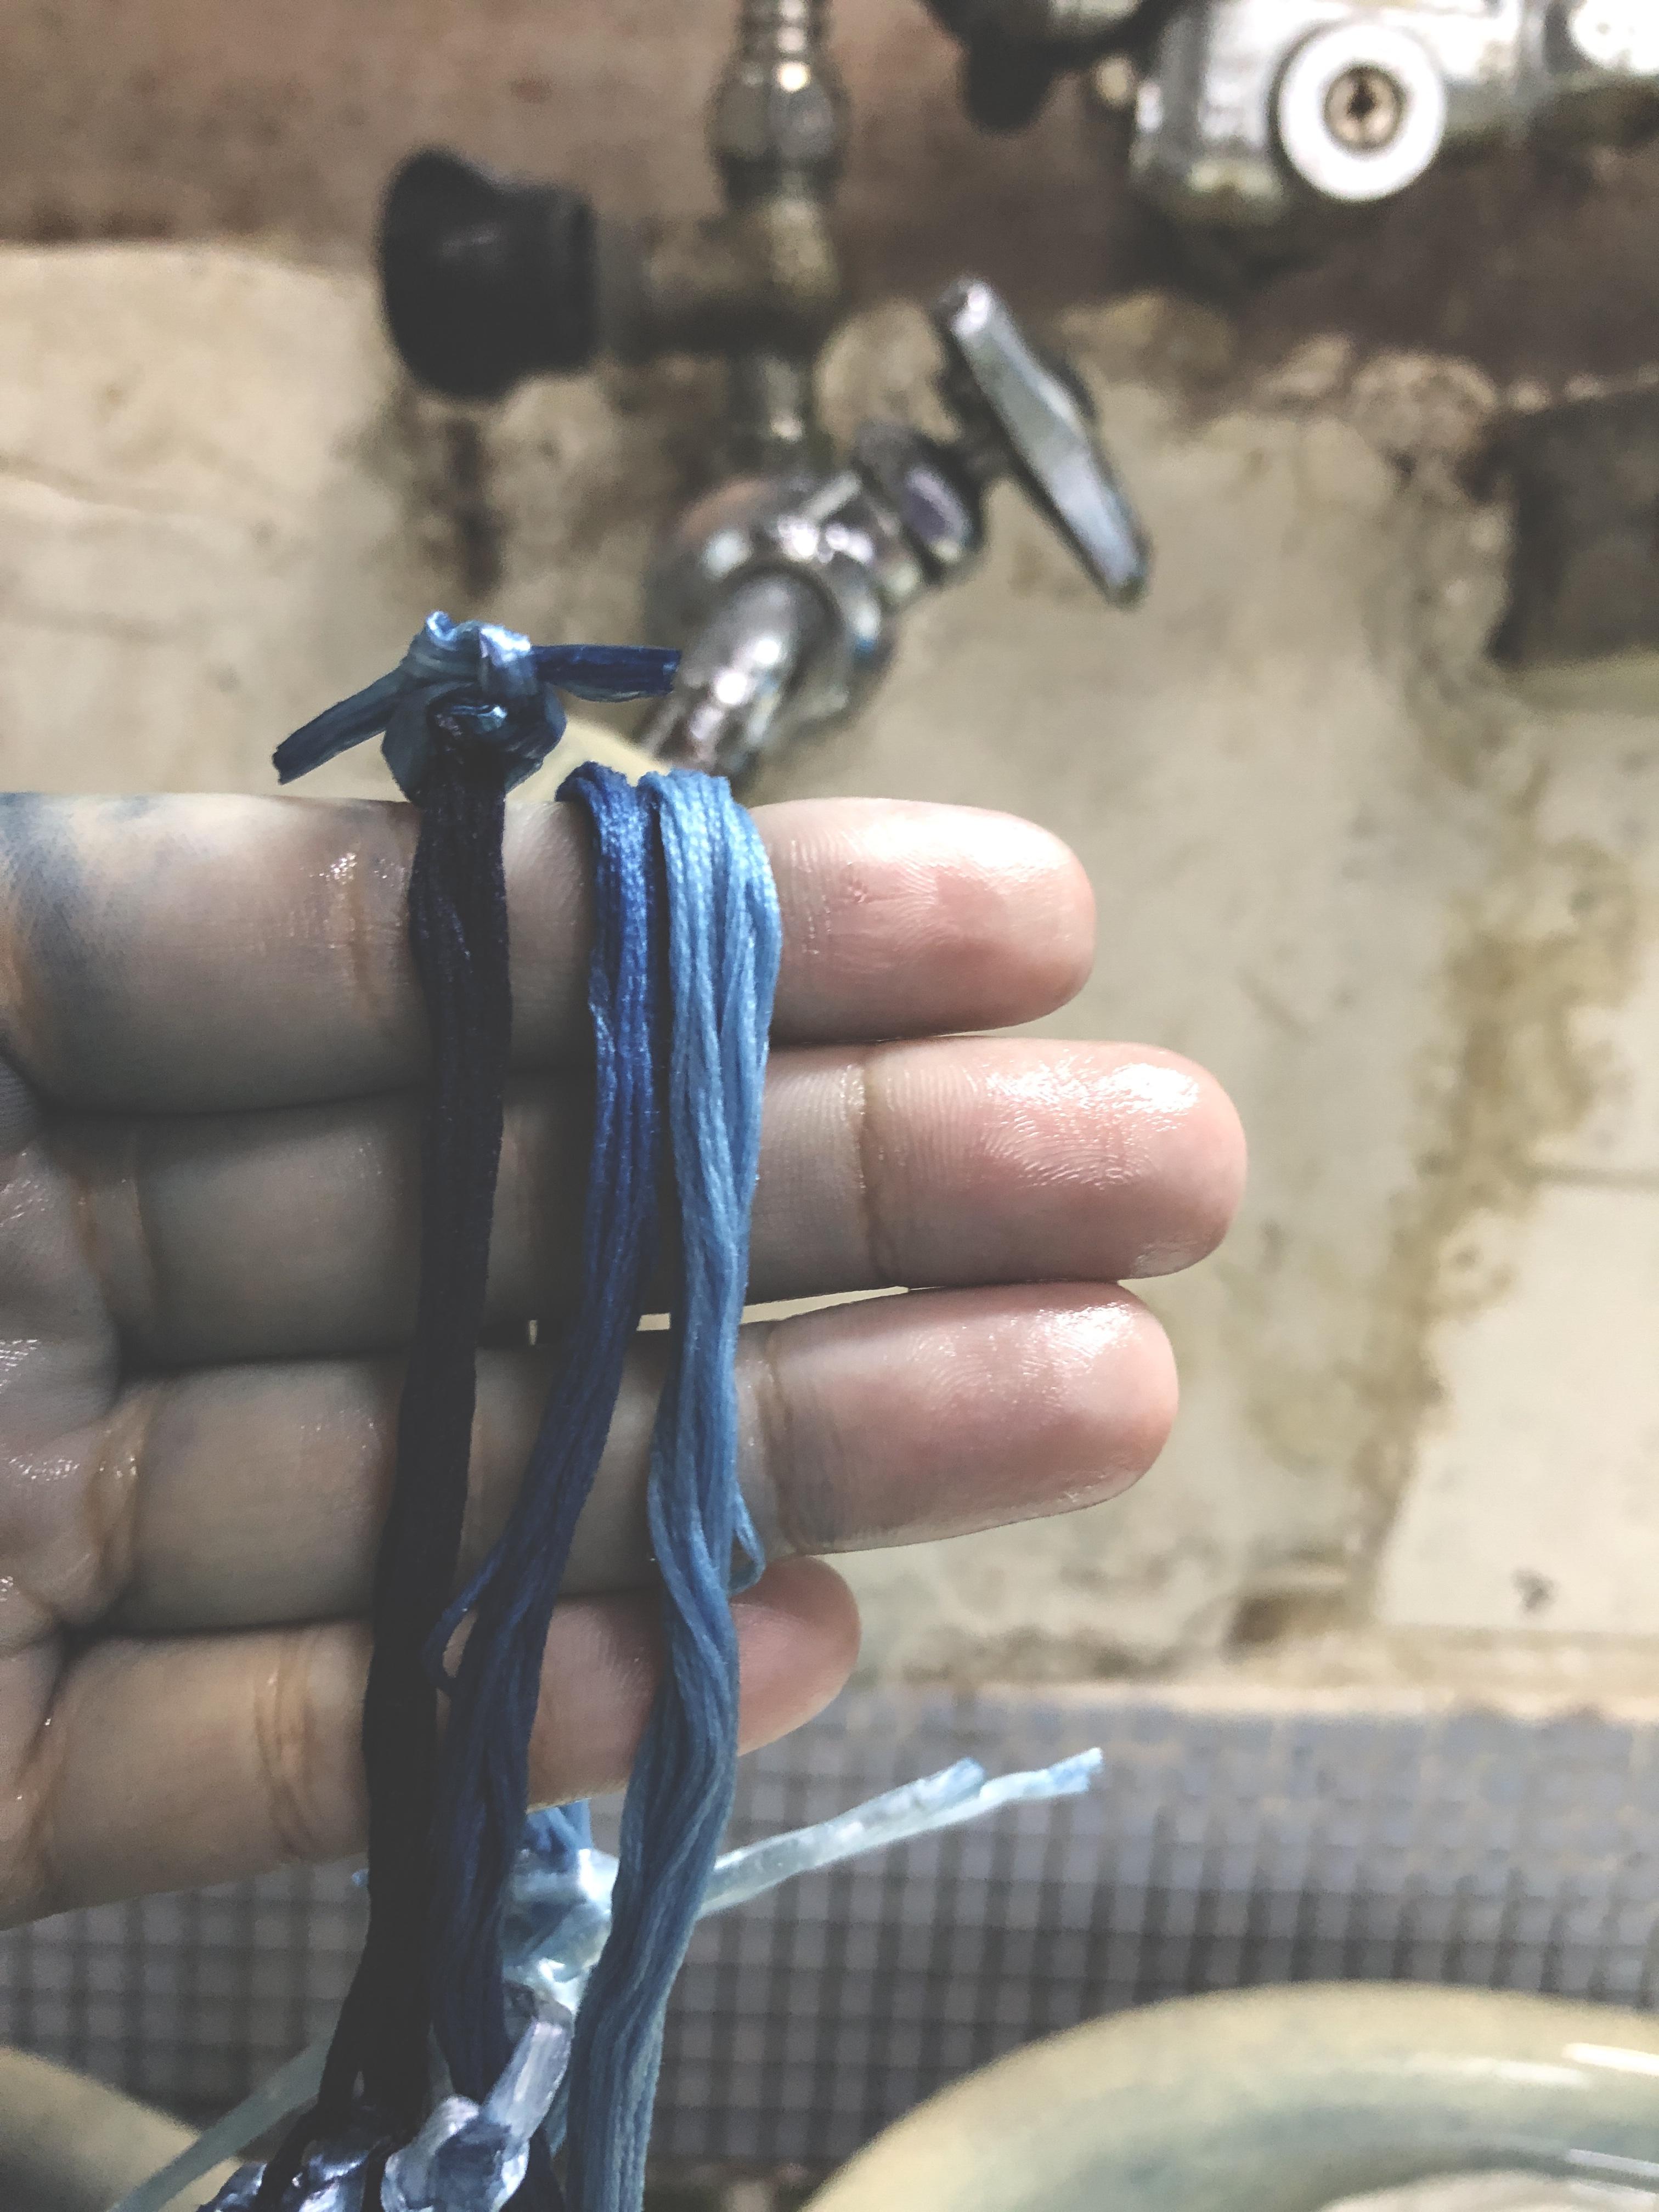 刺繍糸の藍染